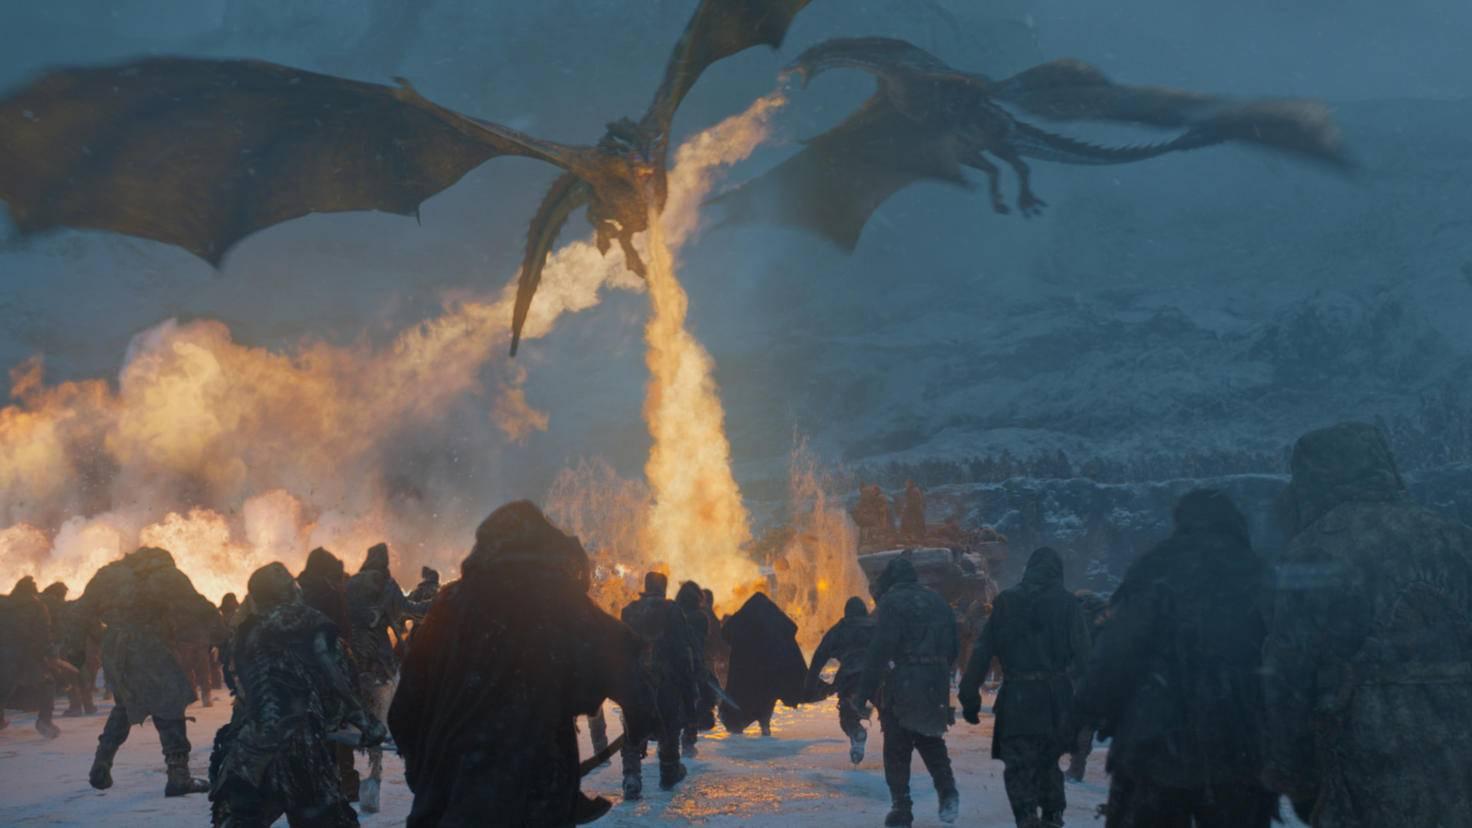 Wo die Drachen auftauchen, hinterlassen sie Tod und Verderben ...